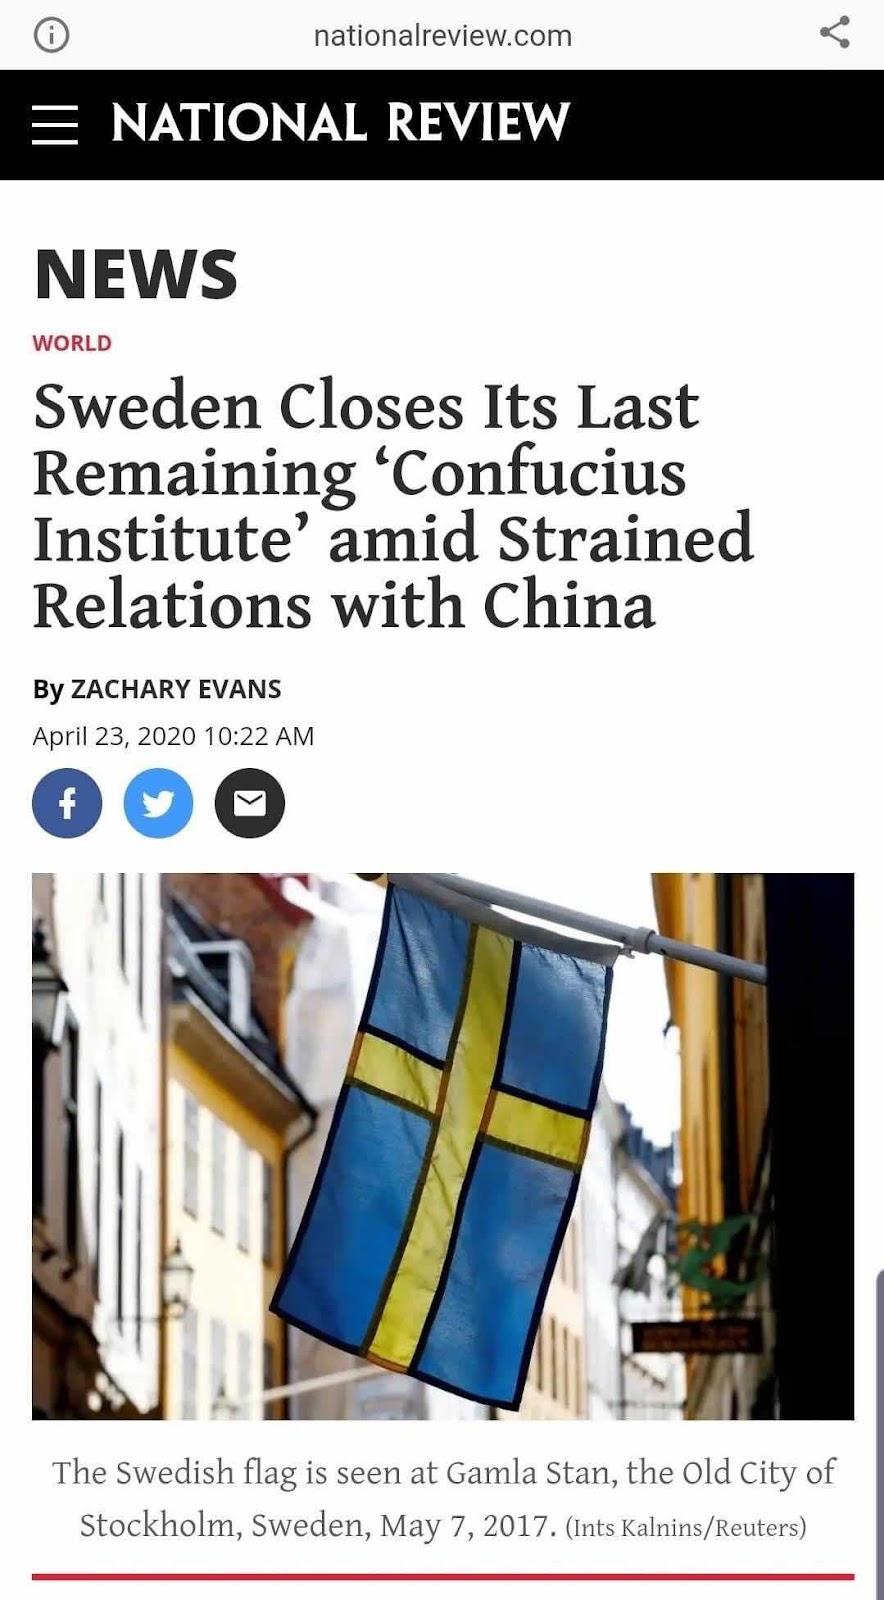 Ảnh: Cờ Thụy Điển tại Gamla Stan, Thành phố cổ Stockholm, Thụy Điển, ngày 7 tháng 5 năm 2017. (Ints Kalnins / Reuters)